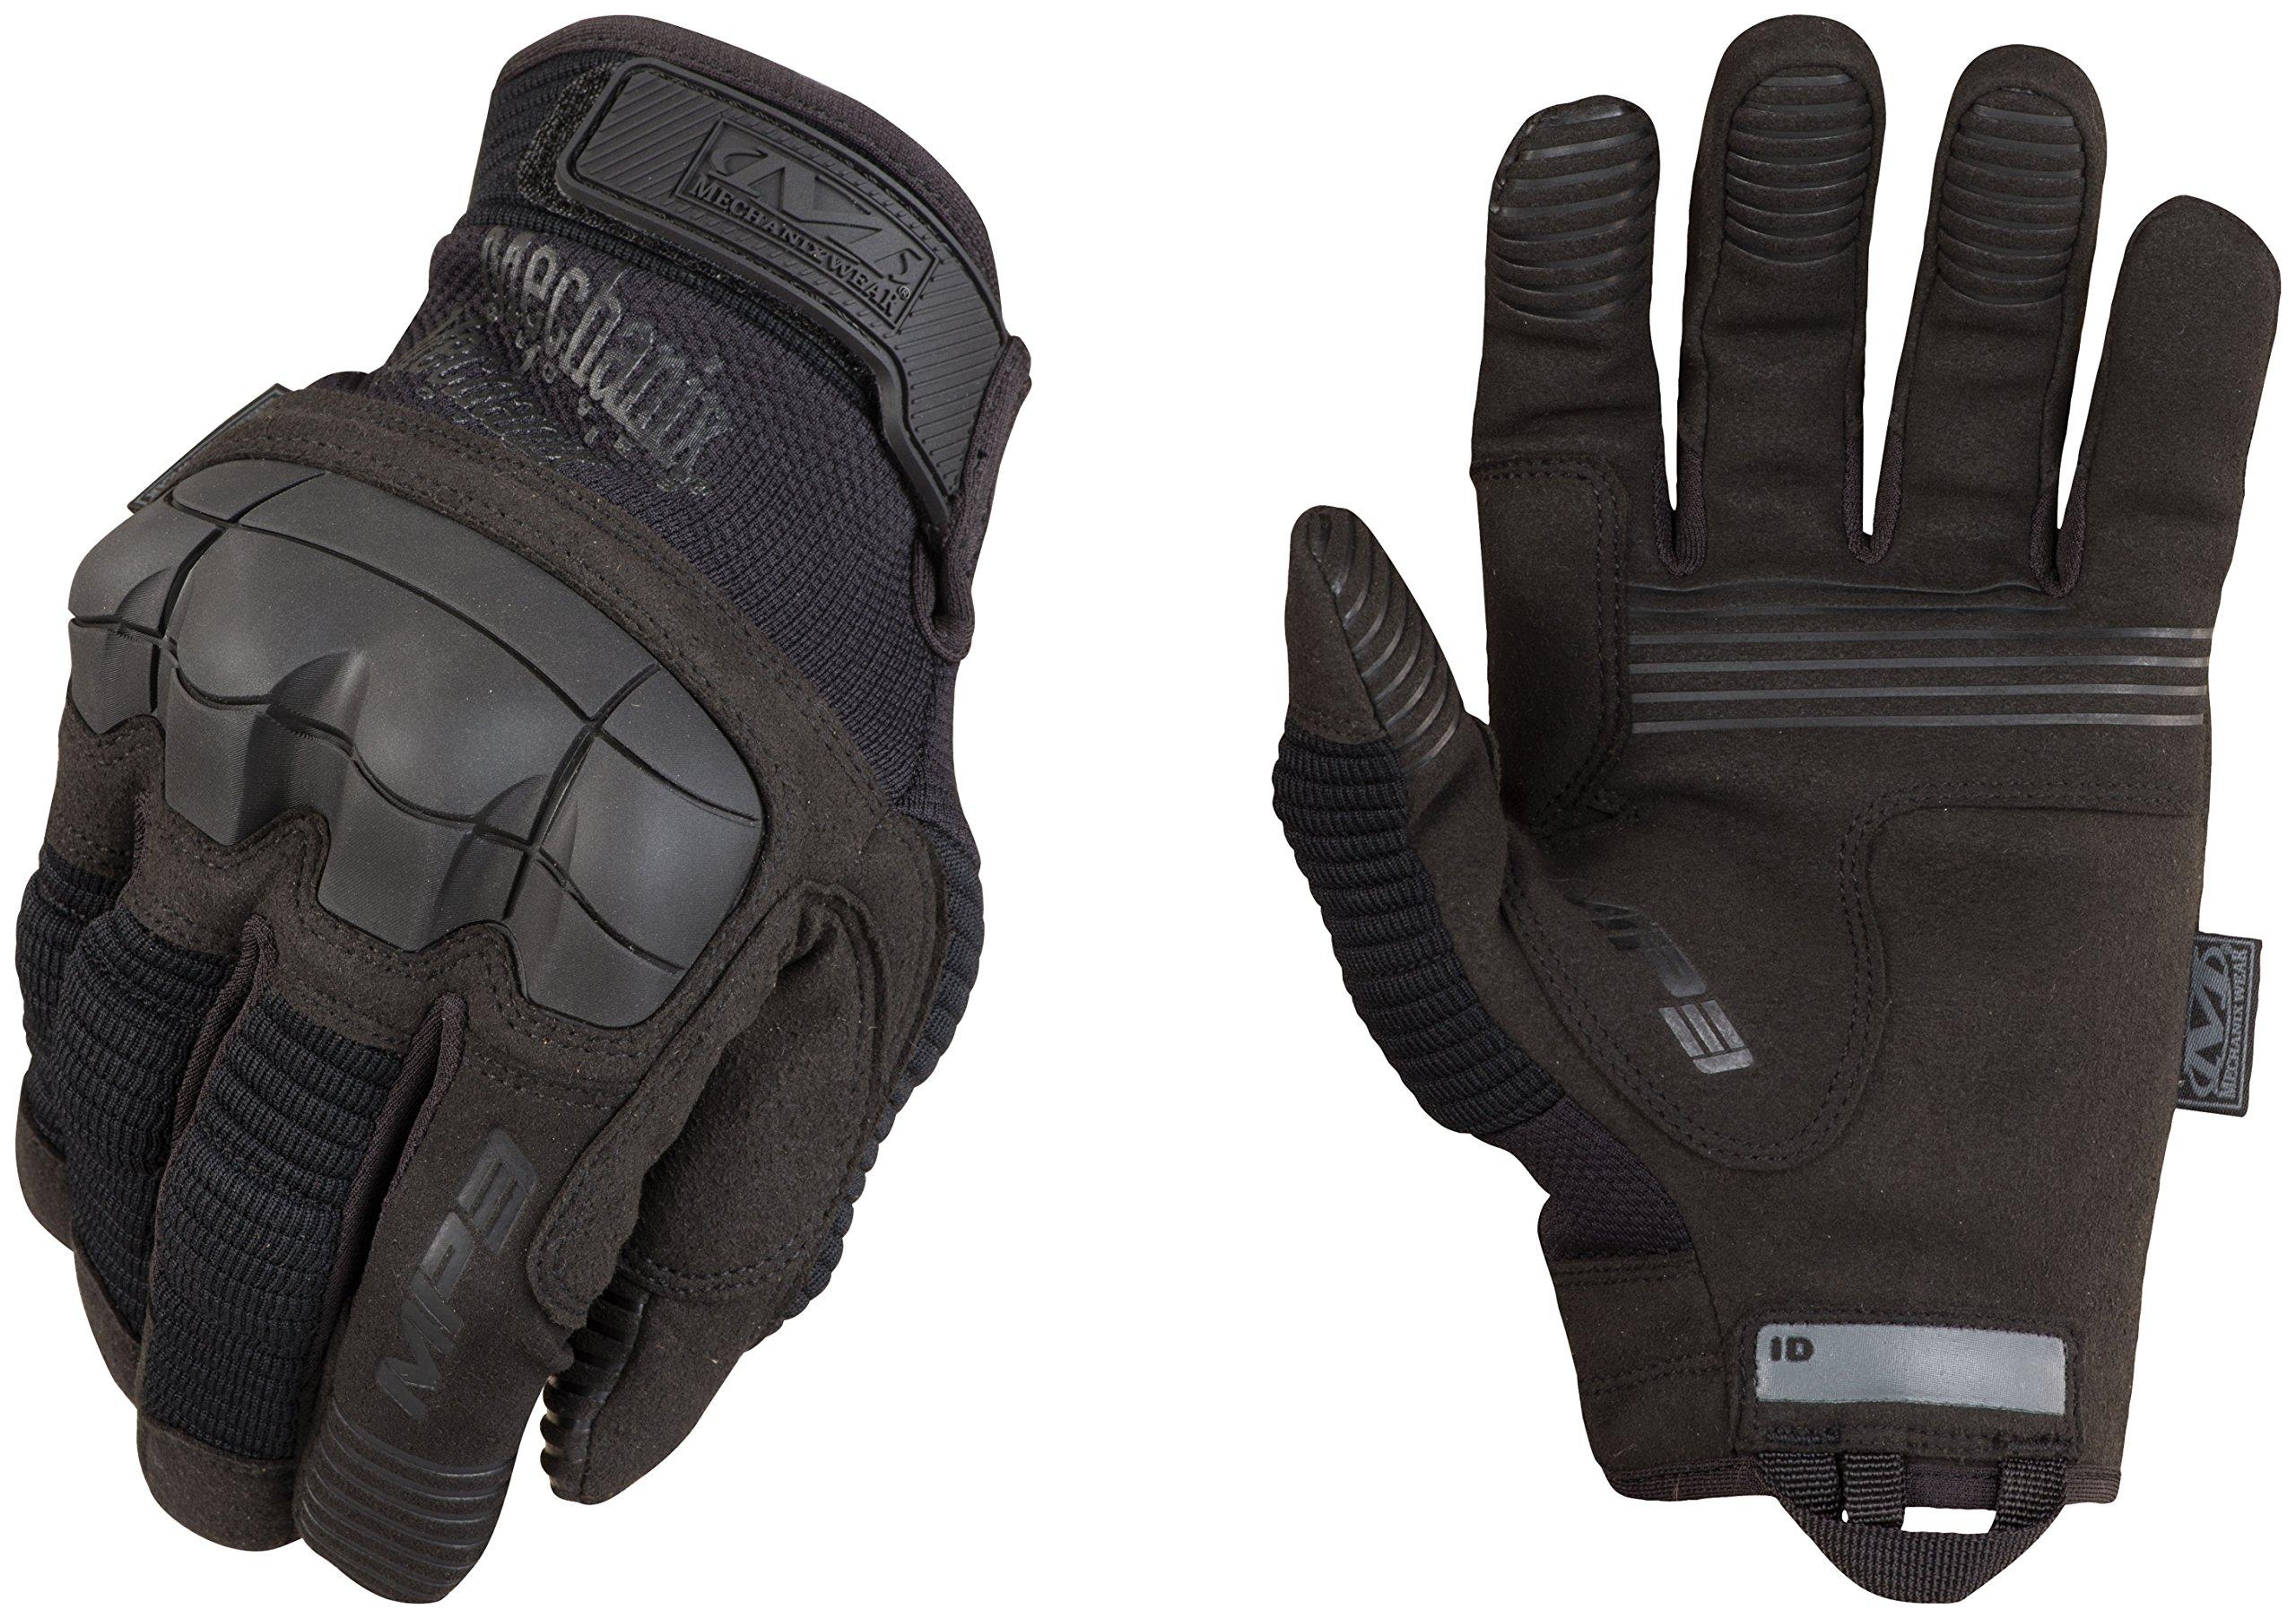 Mechanix Wear - M-Pact 3 Covert Tactical Gloves (Medium, Black)